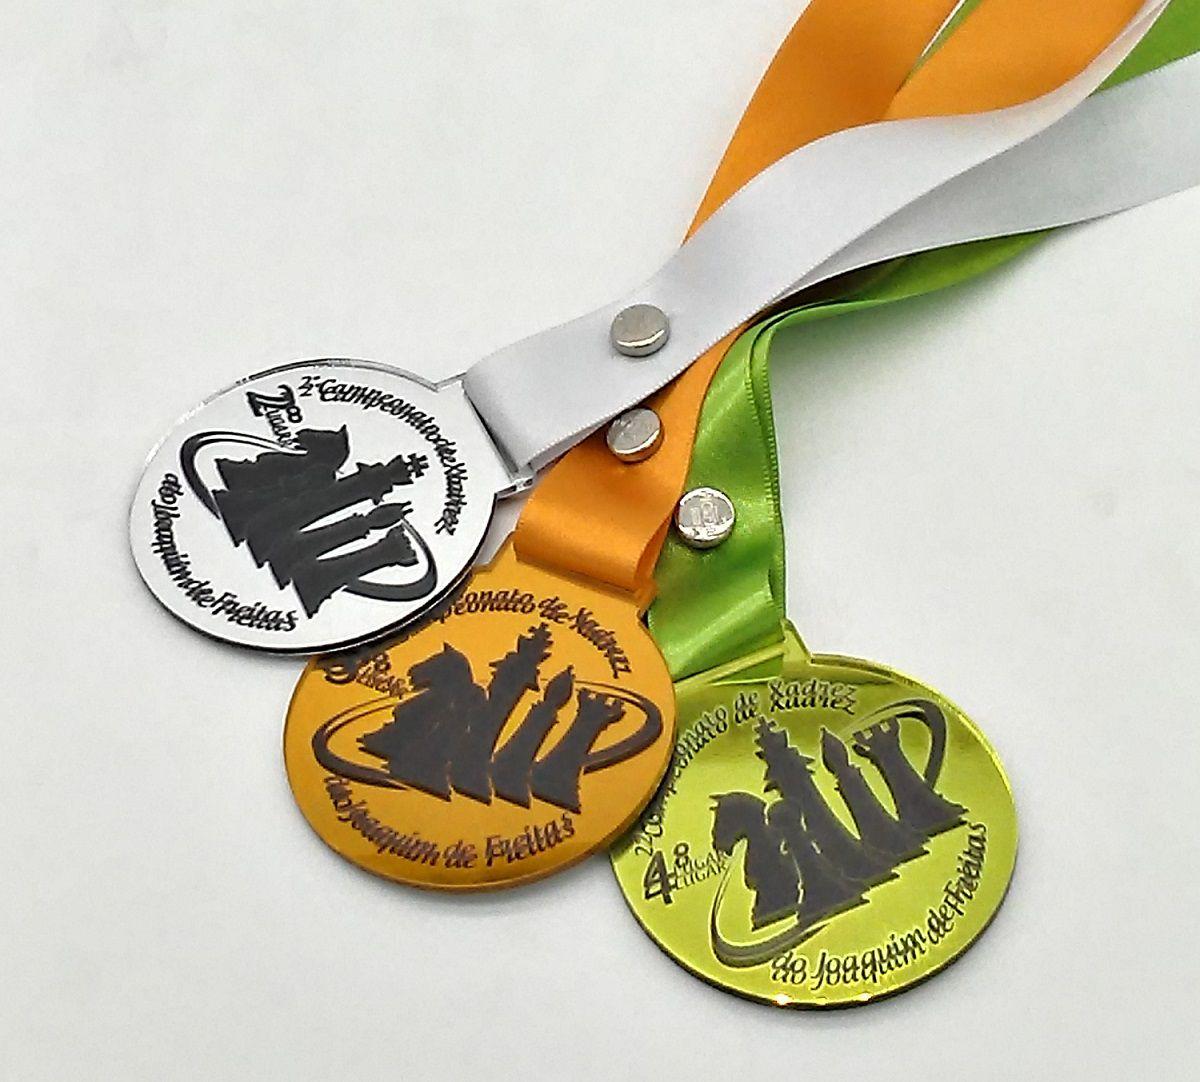 Medalhas de Acrílico Espelhada Personalizada